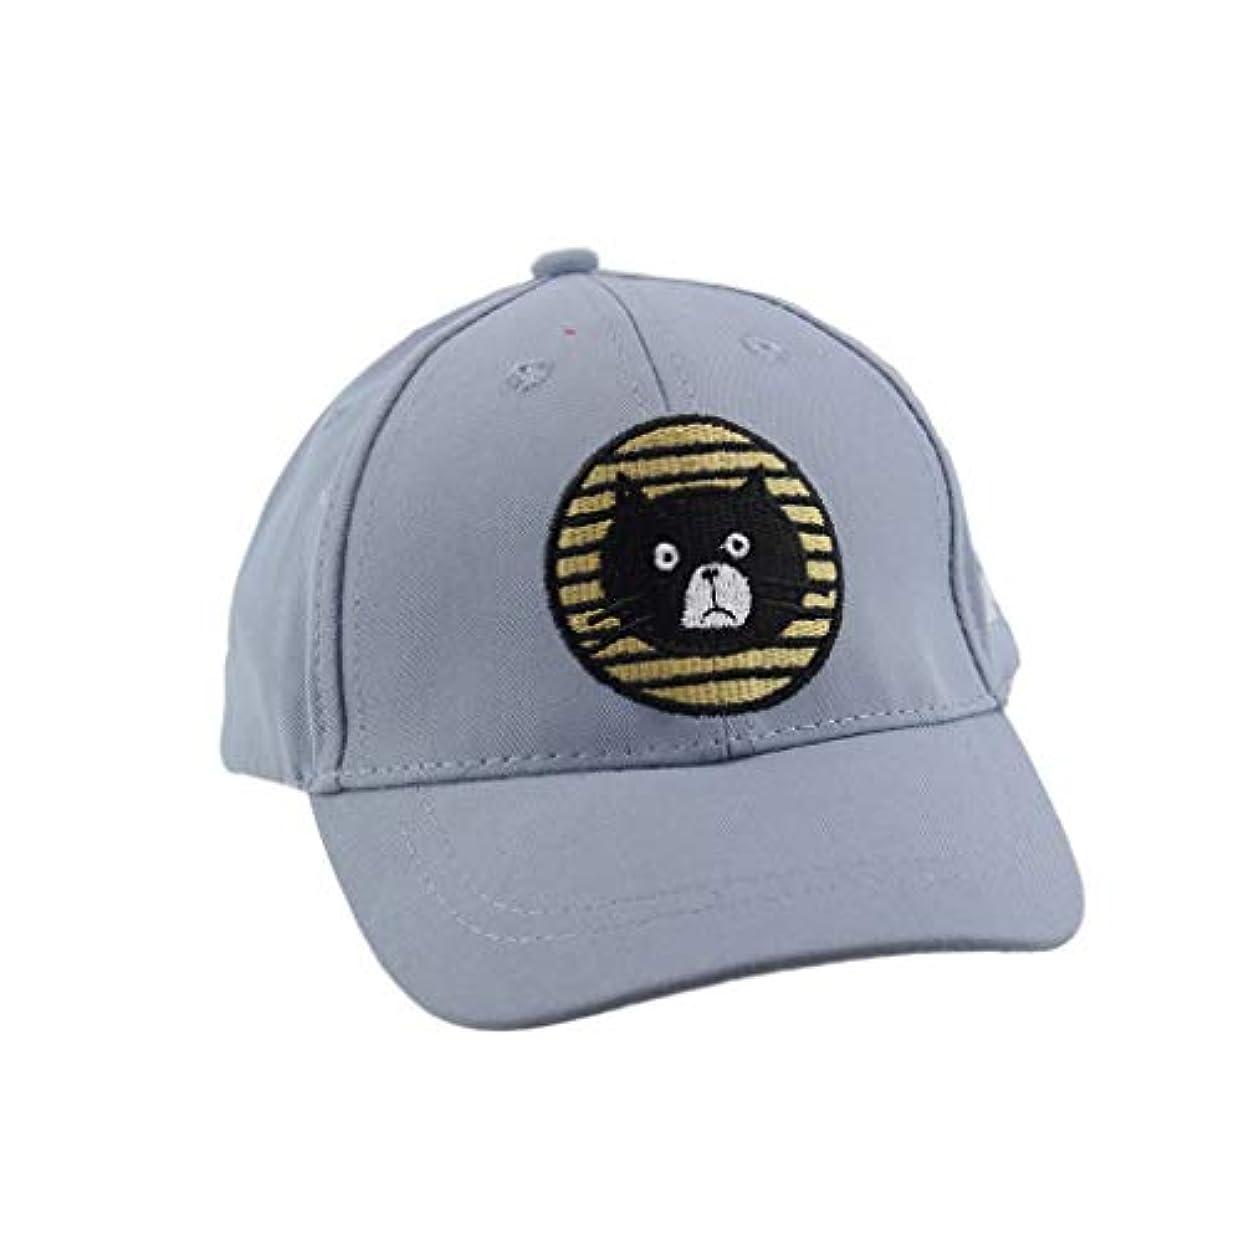 イディオムウイルスウイルスKaiweini 春夏新しい漁夫帽子供しゃれ ベビー帽 通気性抜群 日除け UVカット 紫外線対策スポーツ帽子男女兼用 速乾 軽薄 日よけ野球帽